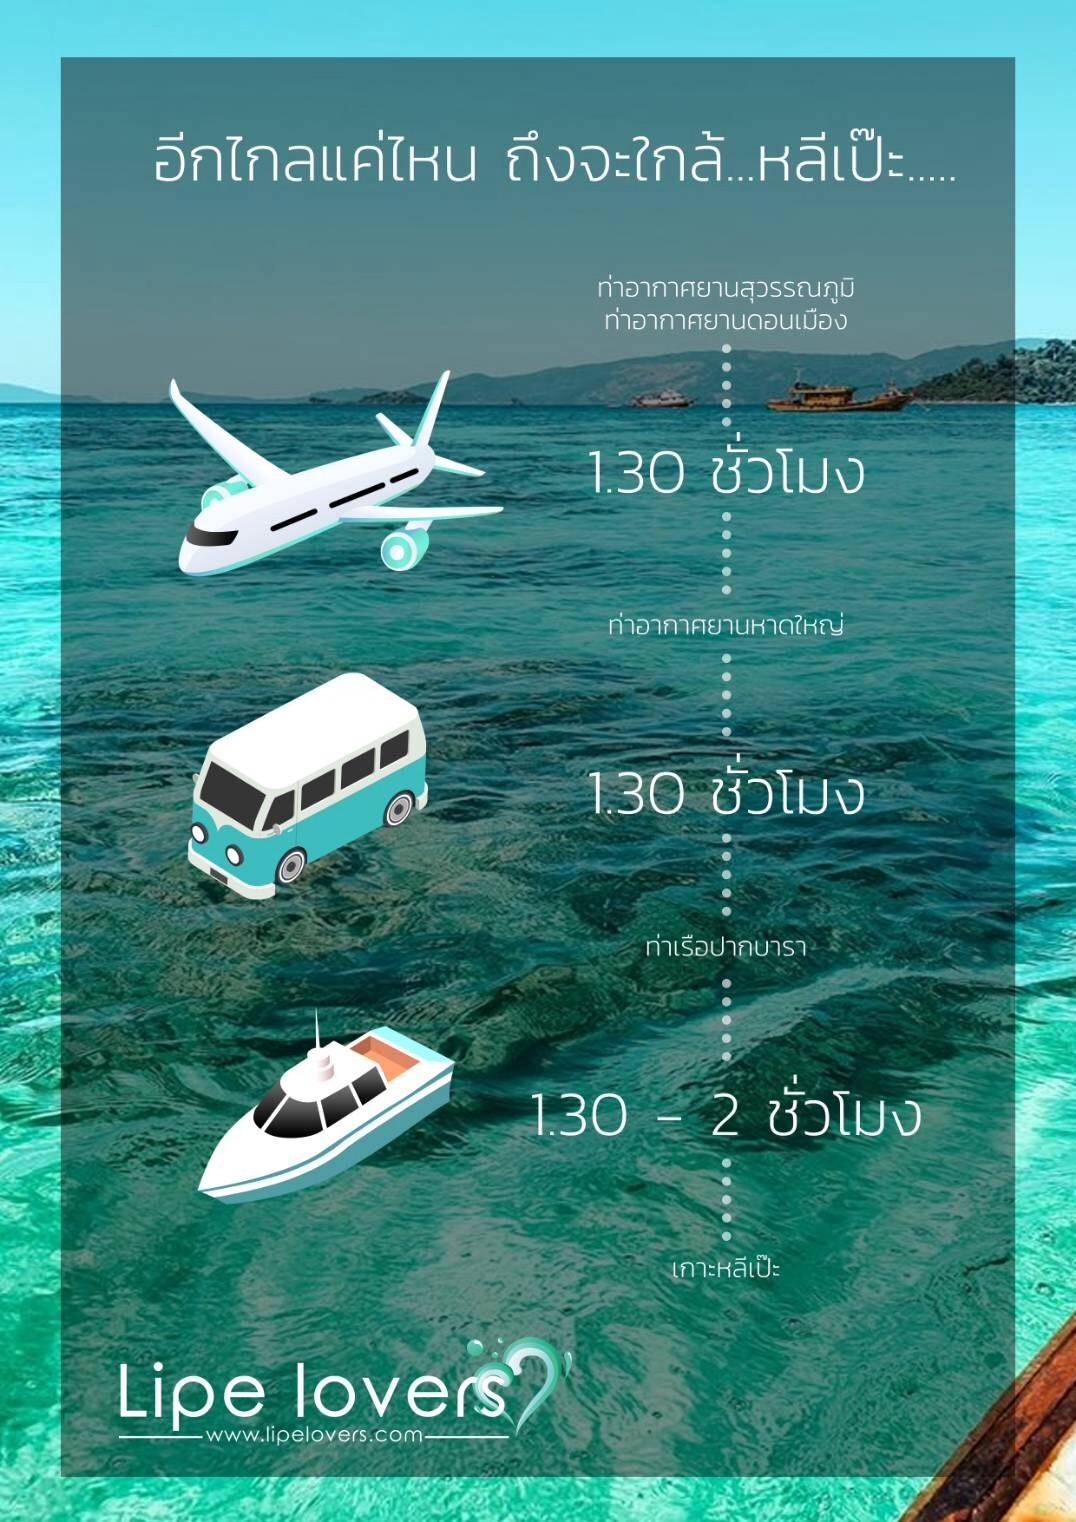 การเดินทางมา เกาะหลีเป๊ะ